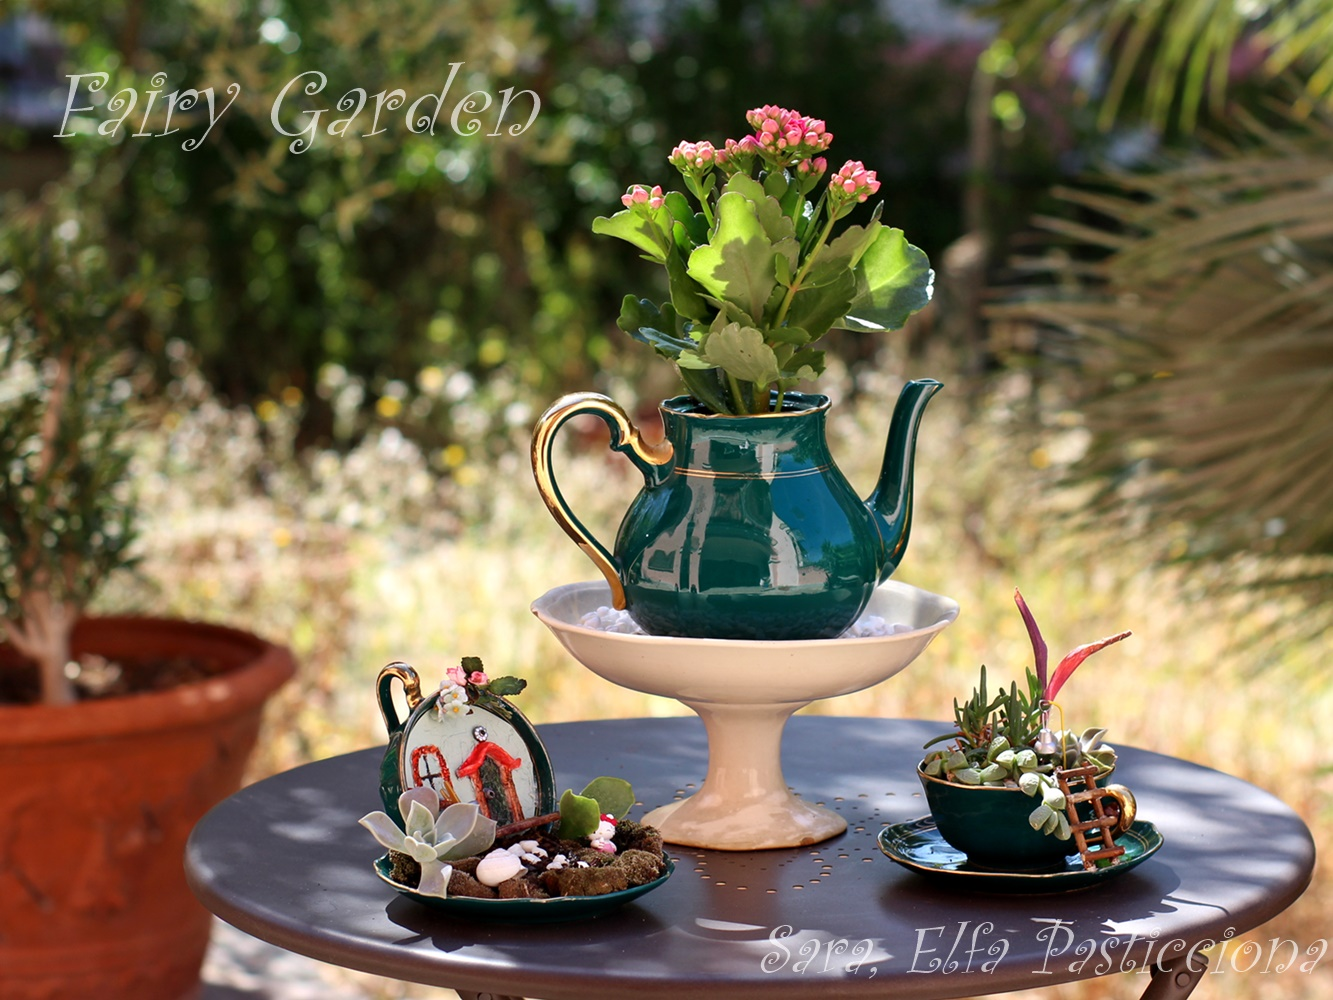 Teacup Fairy Garden Il Giardino Fatato Dentro Una Tazzina Da The